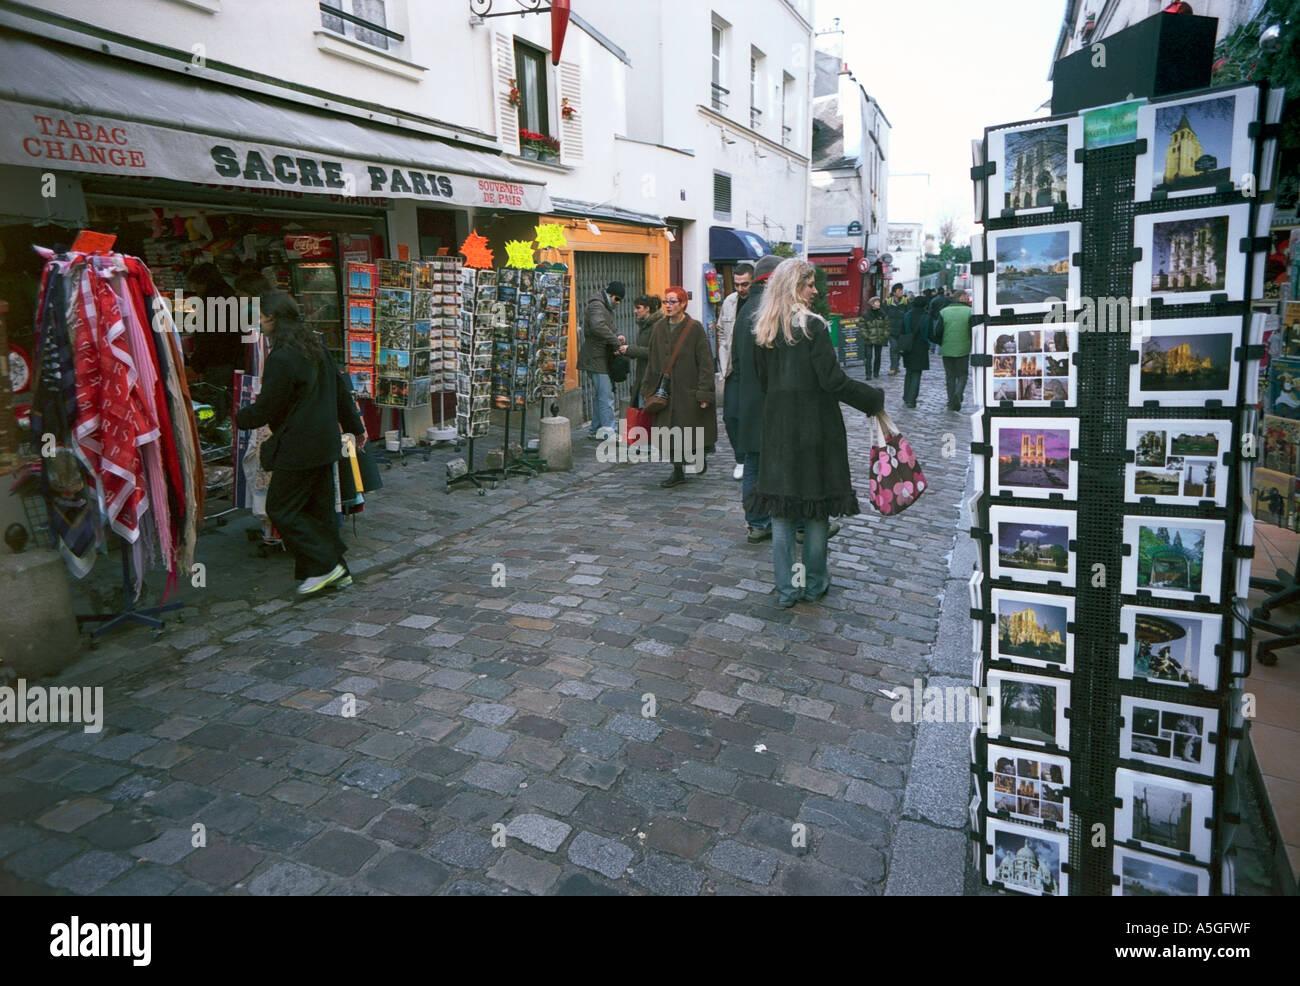 Les touristes et les visiteurs dans une rue de Montmartre une destination favorite pour les personnes en visite Banque D'Images